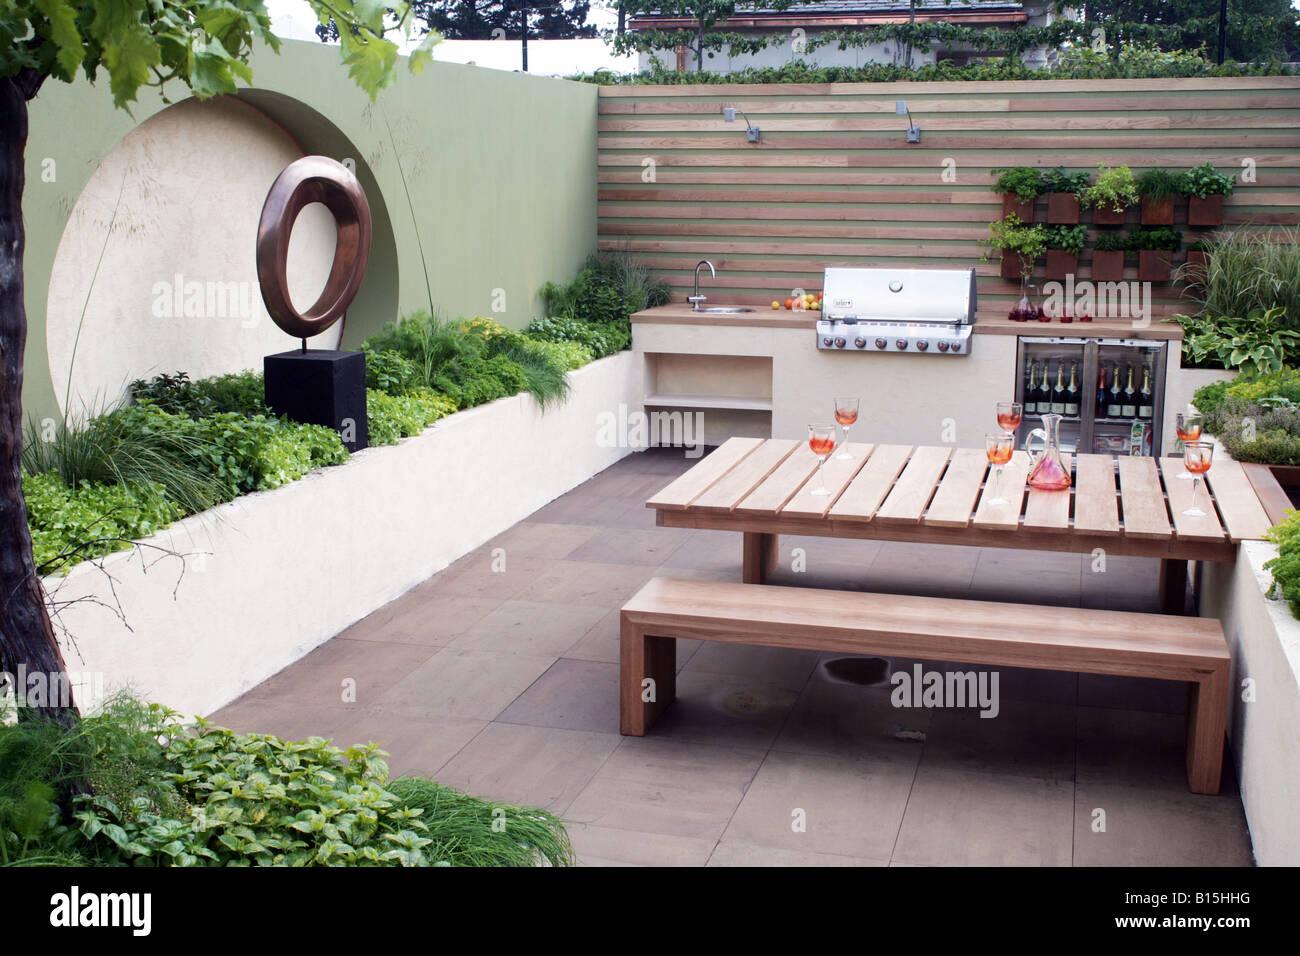 outdoor kitchen in Paul Martin Garden Bloom 2008 - Stock Image